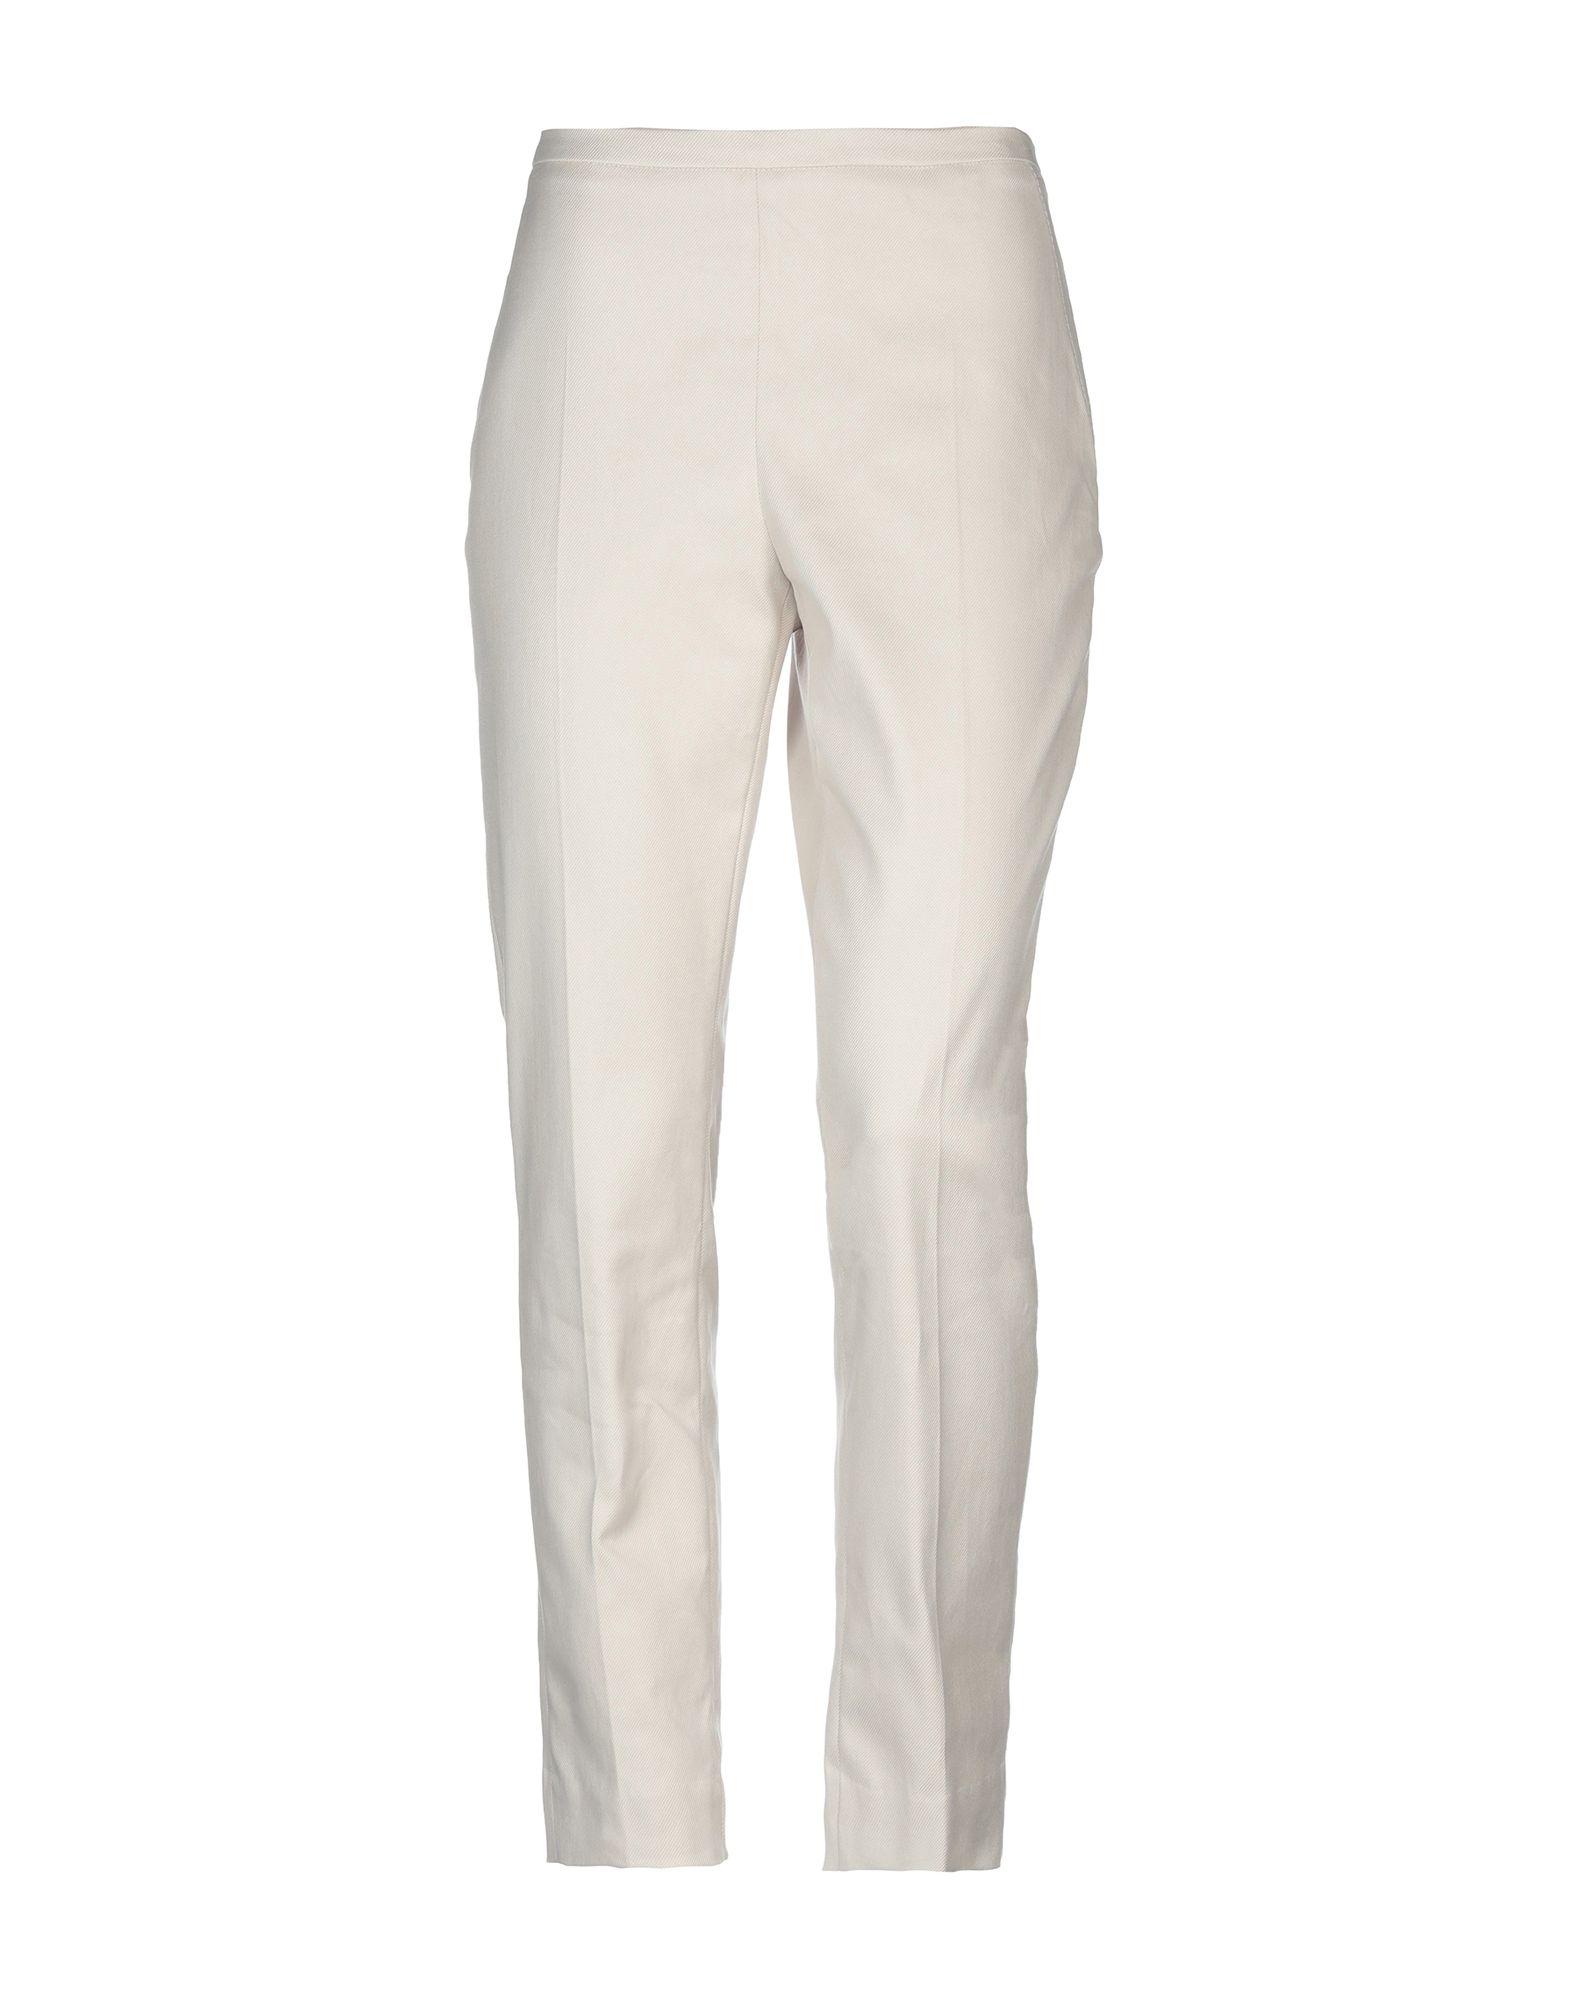 Pantalone Dorothee Schumacher donna - 13233408DO 13233408DO  einzigartige Form